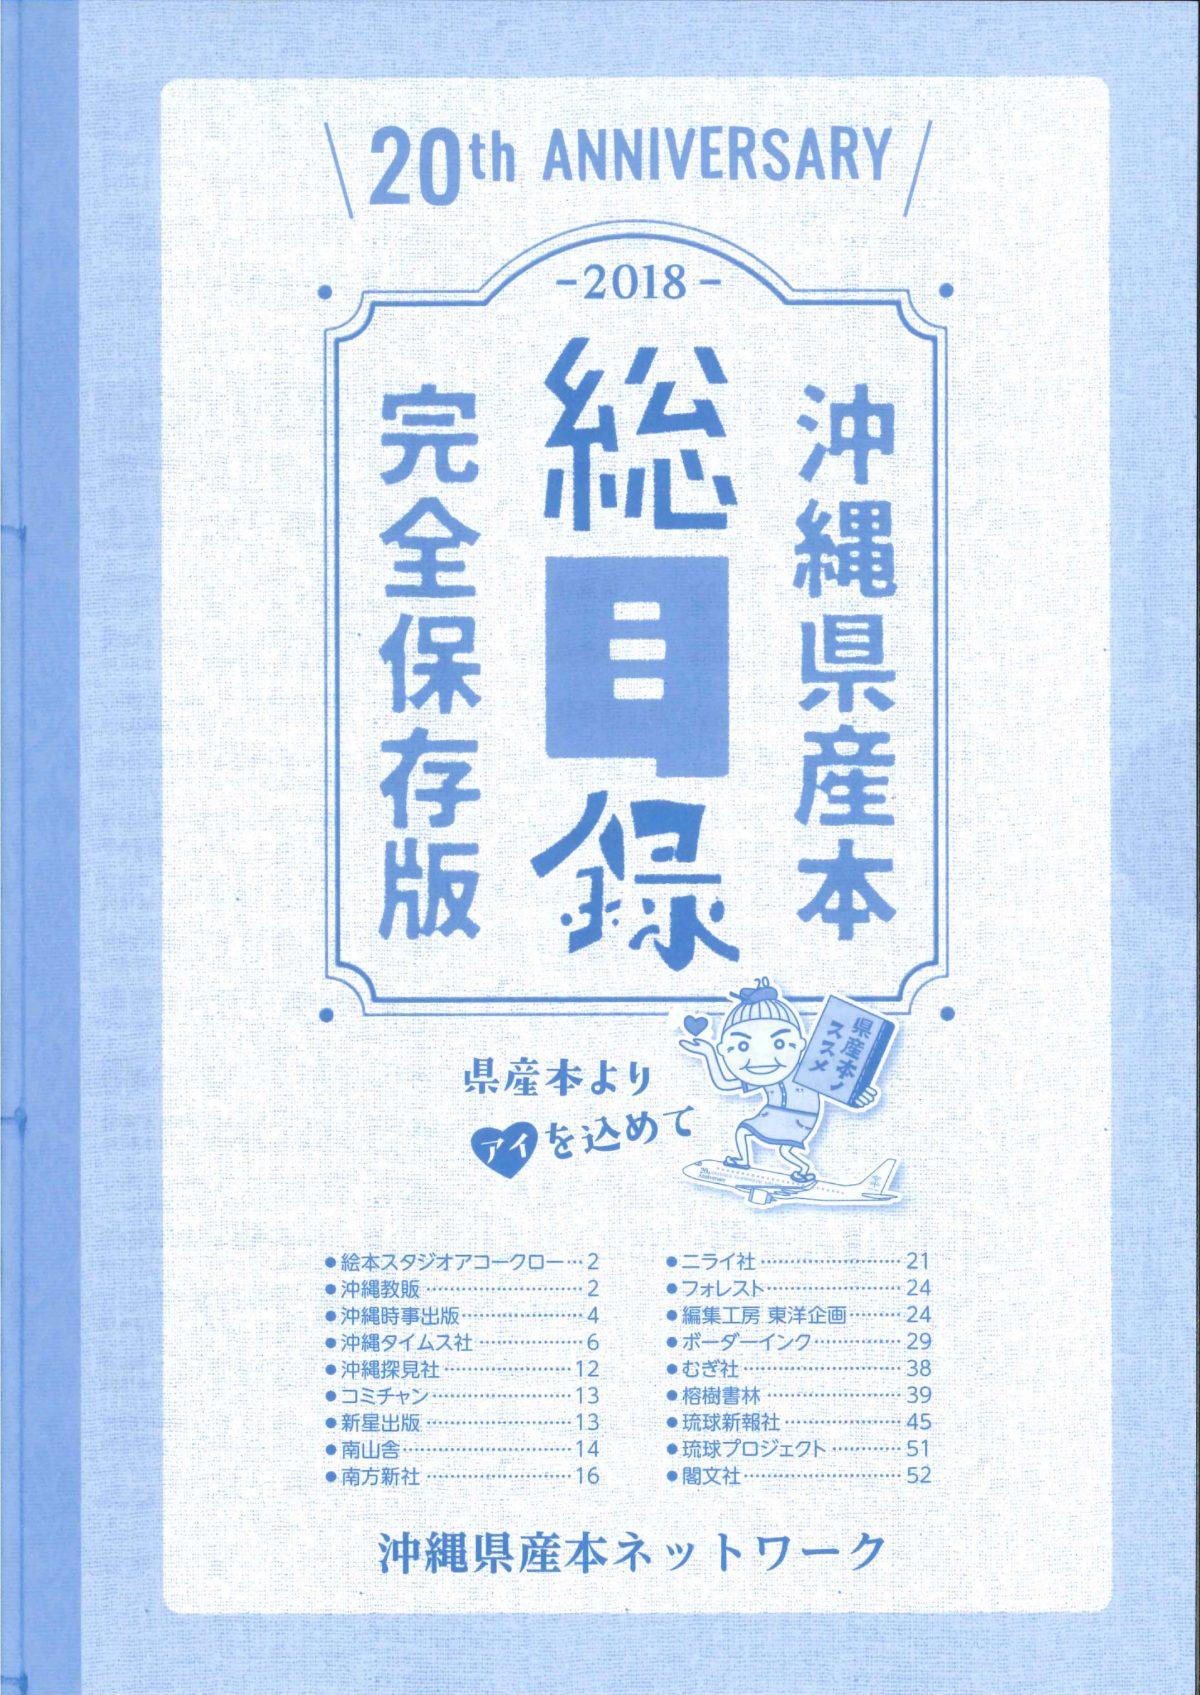 届きました!「沖縄県産本 総目録 完全保存版」フェアはいよいよ7月4日(水)まで!